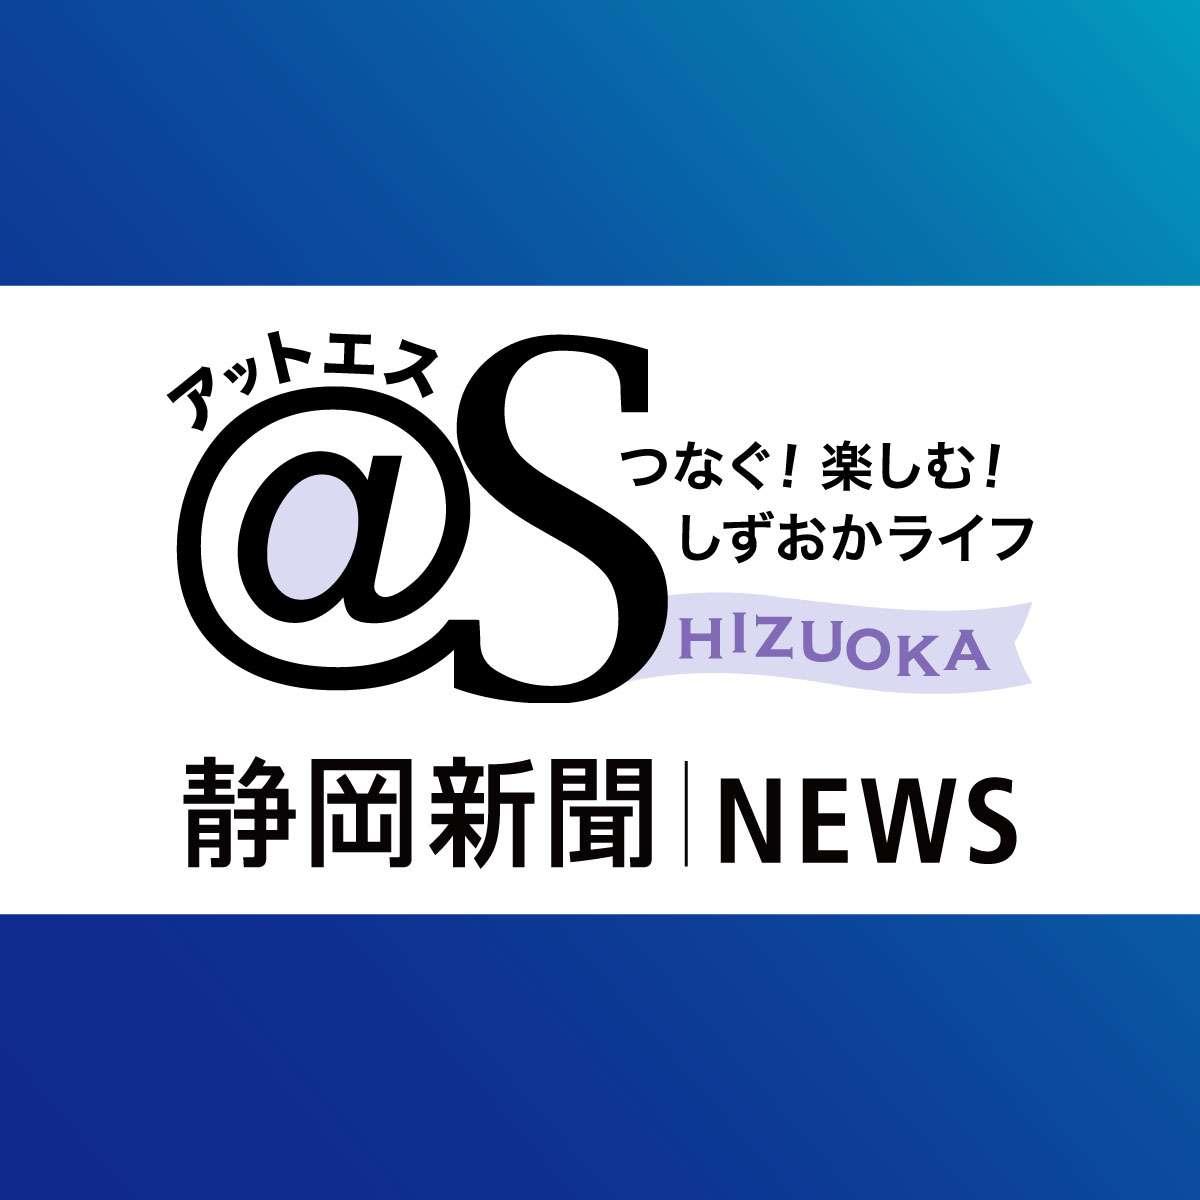 小5殺害、近所の20代男を聴取 自宅を家宅捜索へ、和歌山 | 静岡新聞